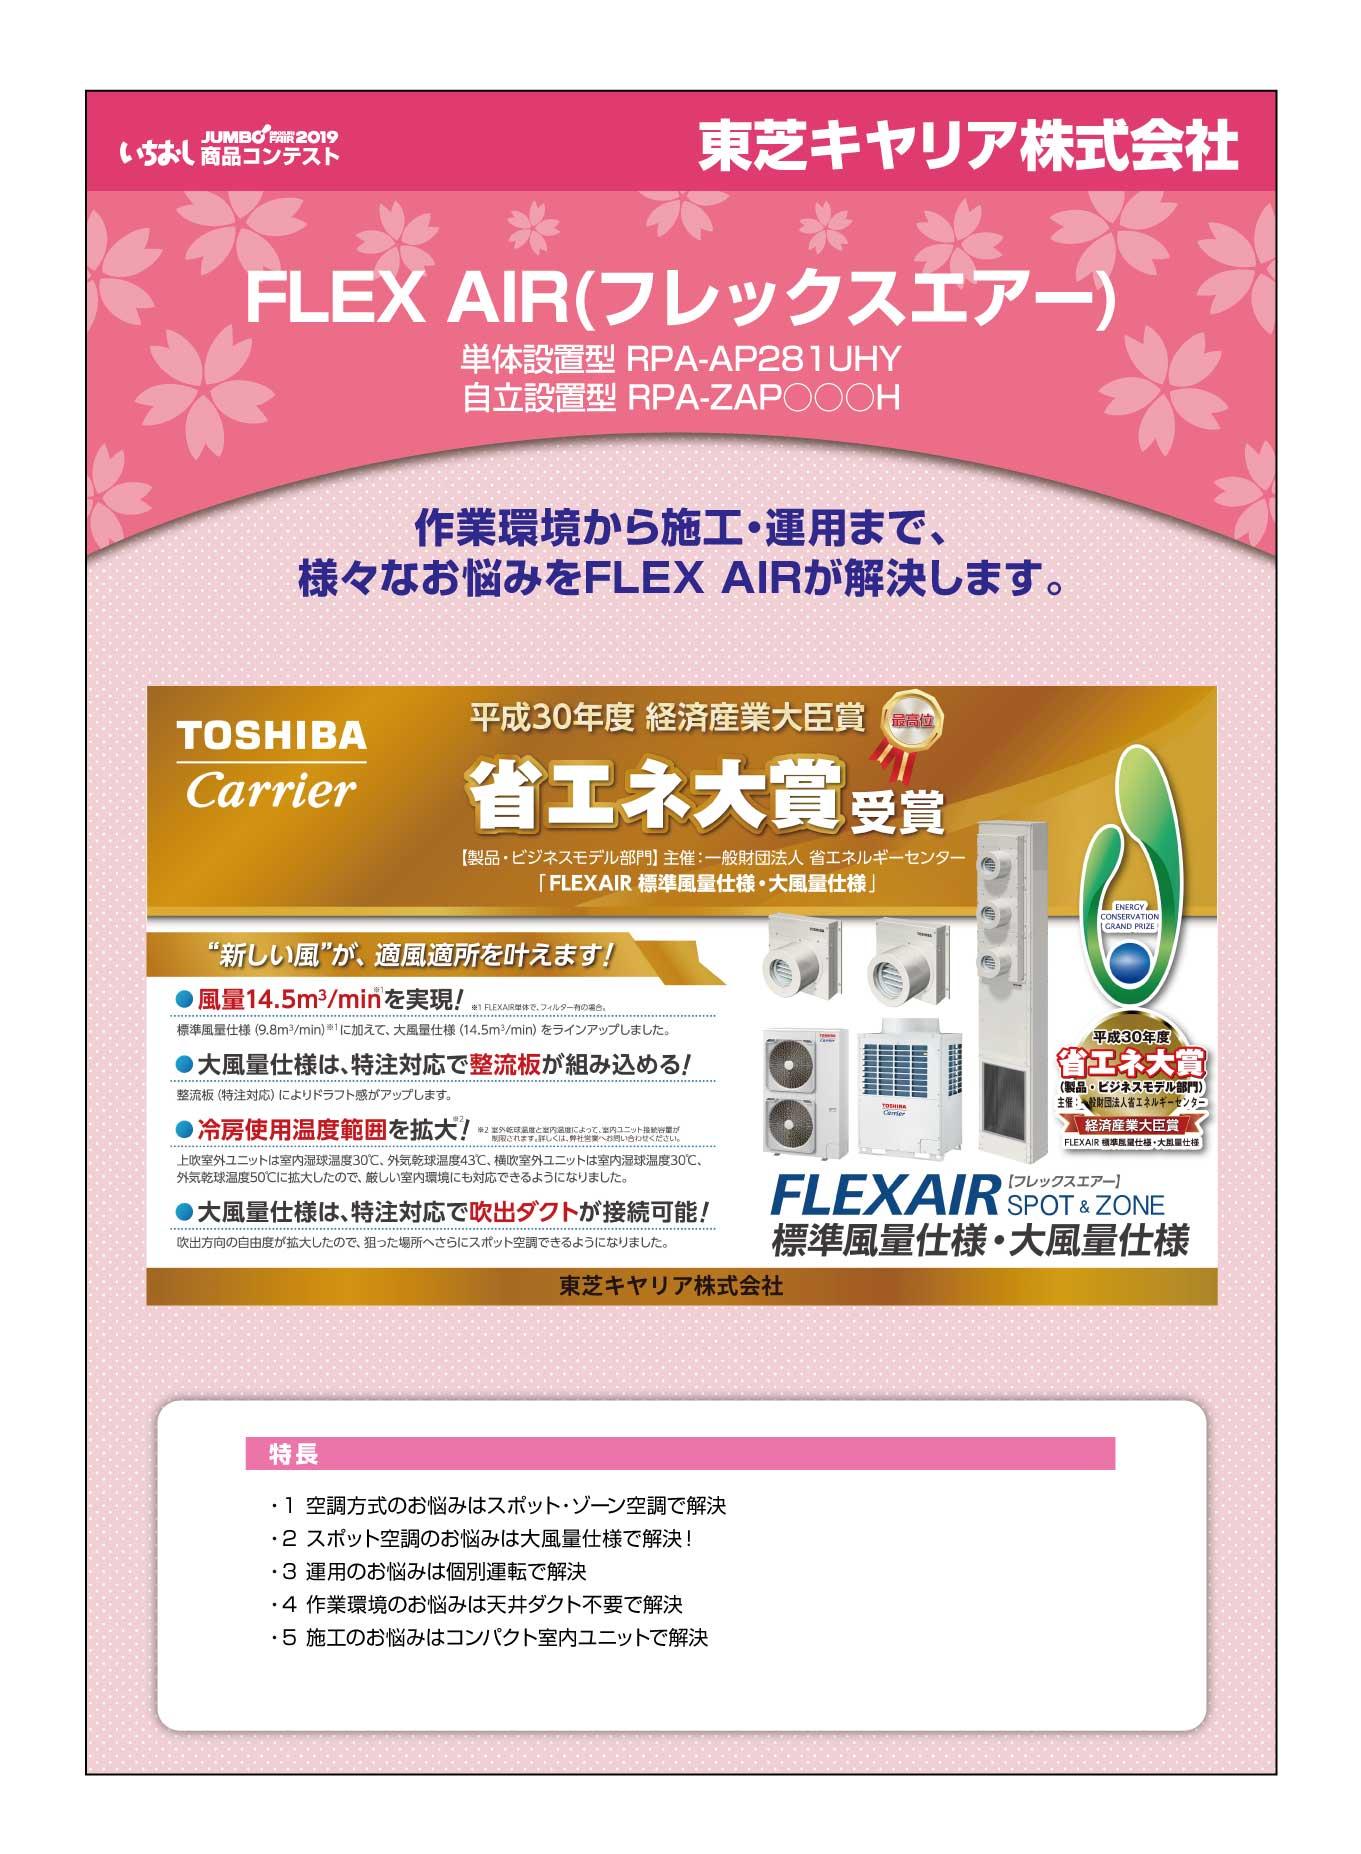 「FLEX AIR(フレックスエアー)」東芝キヤリア株式会社の画像